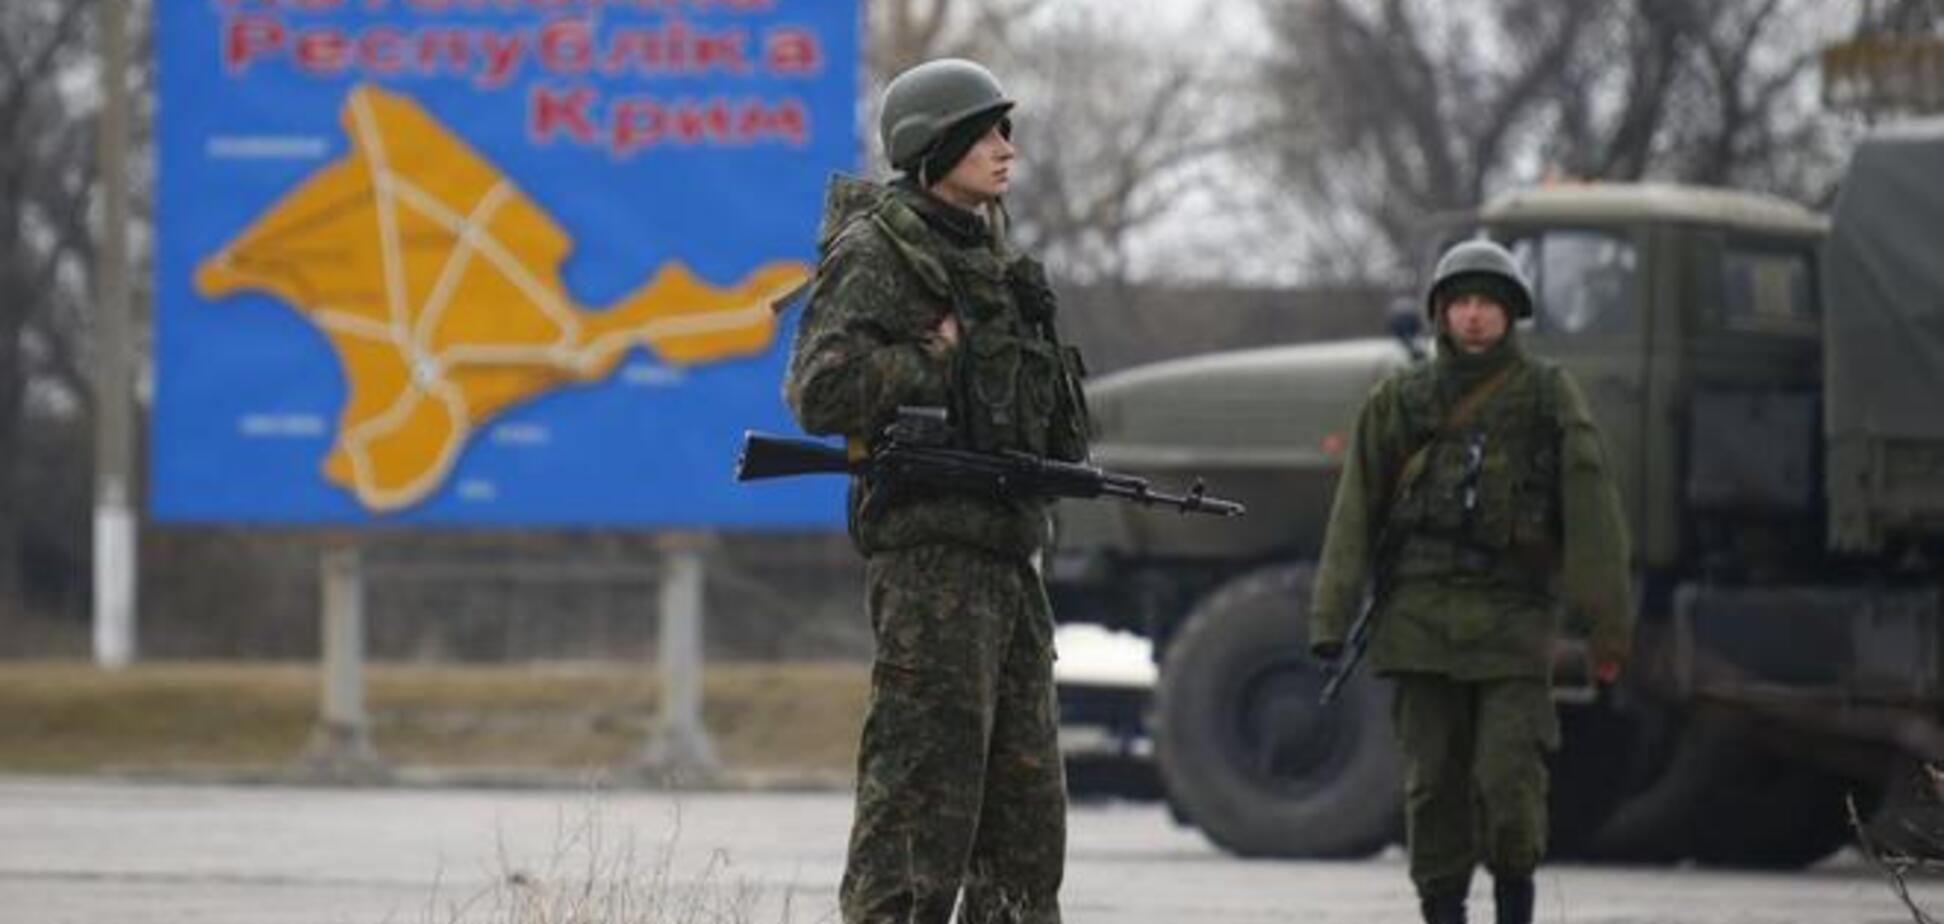 Россия может устроить Крыму 'блокаду Ленинграда', чтобы свалить вину на украинцев - Куликов